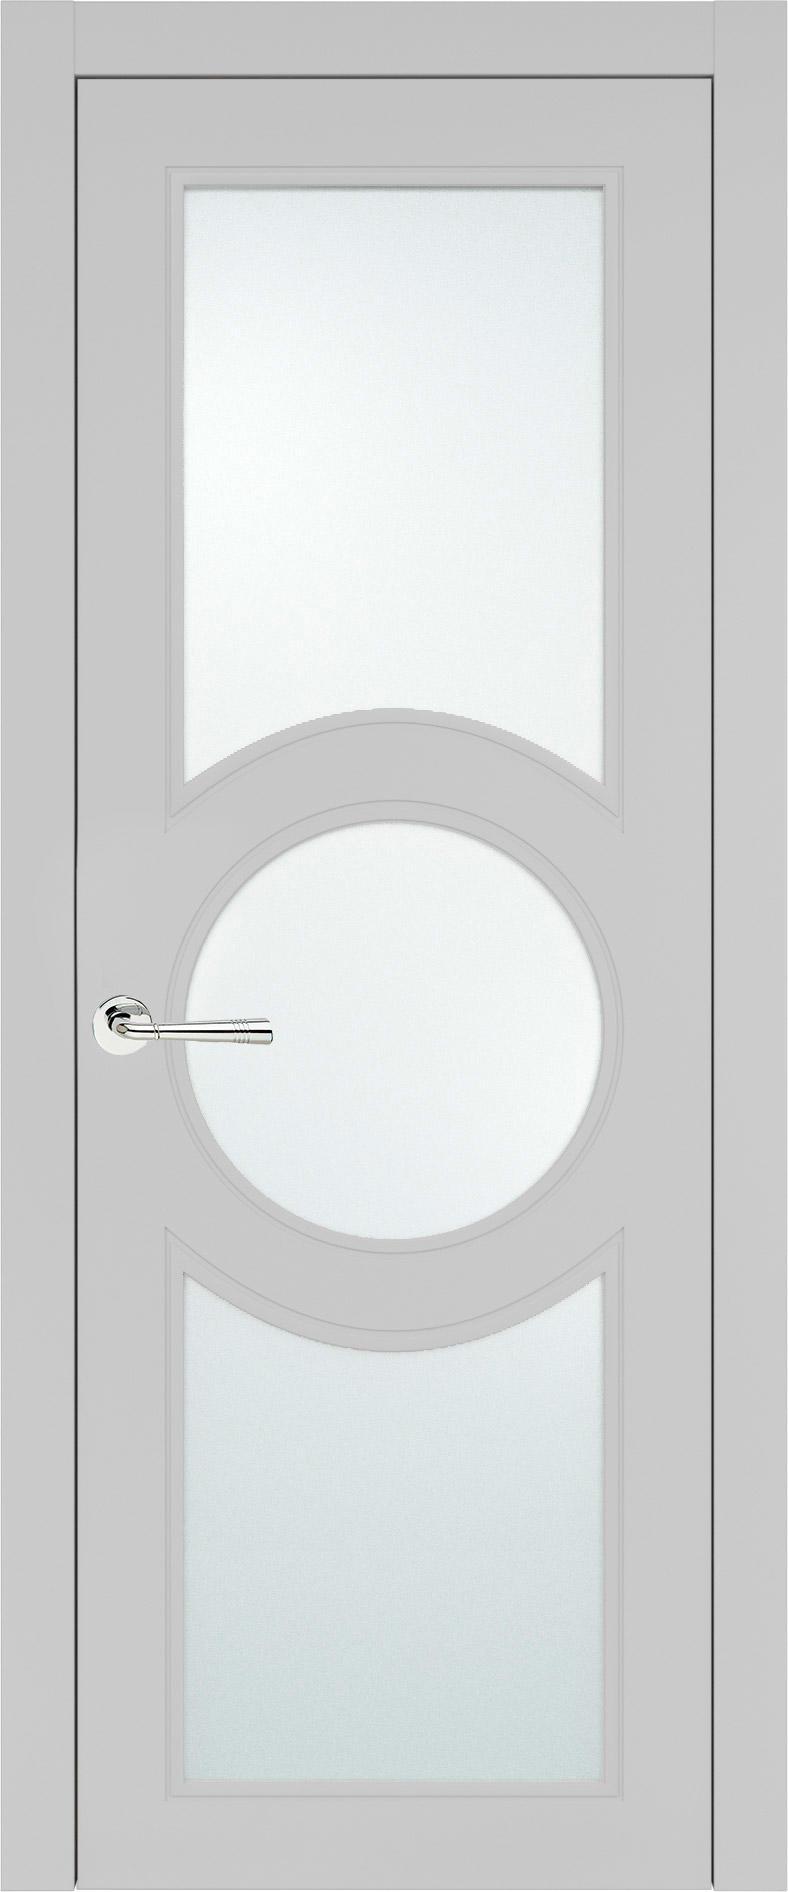 Ravenna Neo Classic цвет - Серая эмаль (RAL 7047) Со стеклом (ДО)